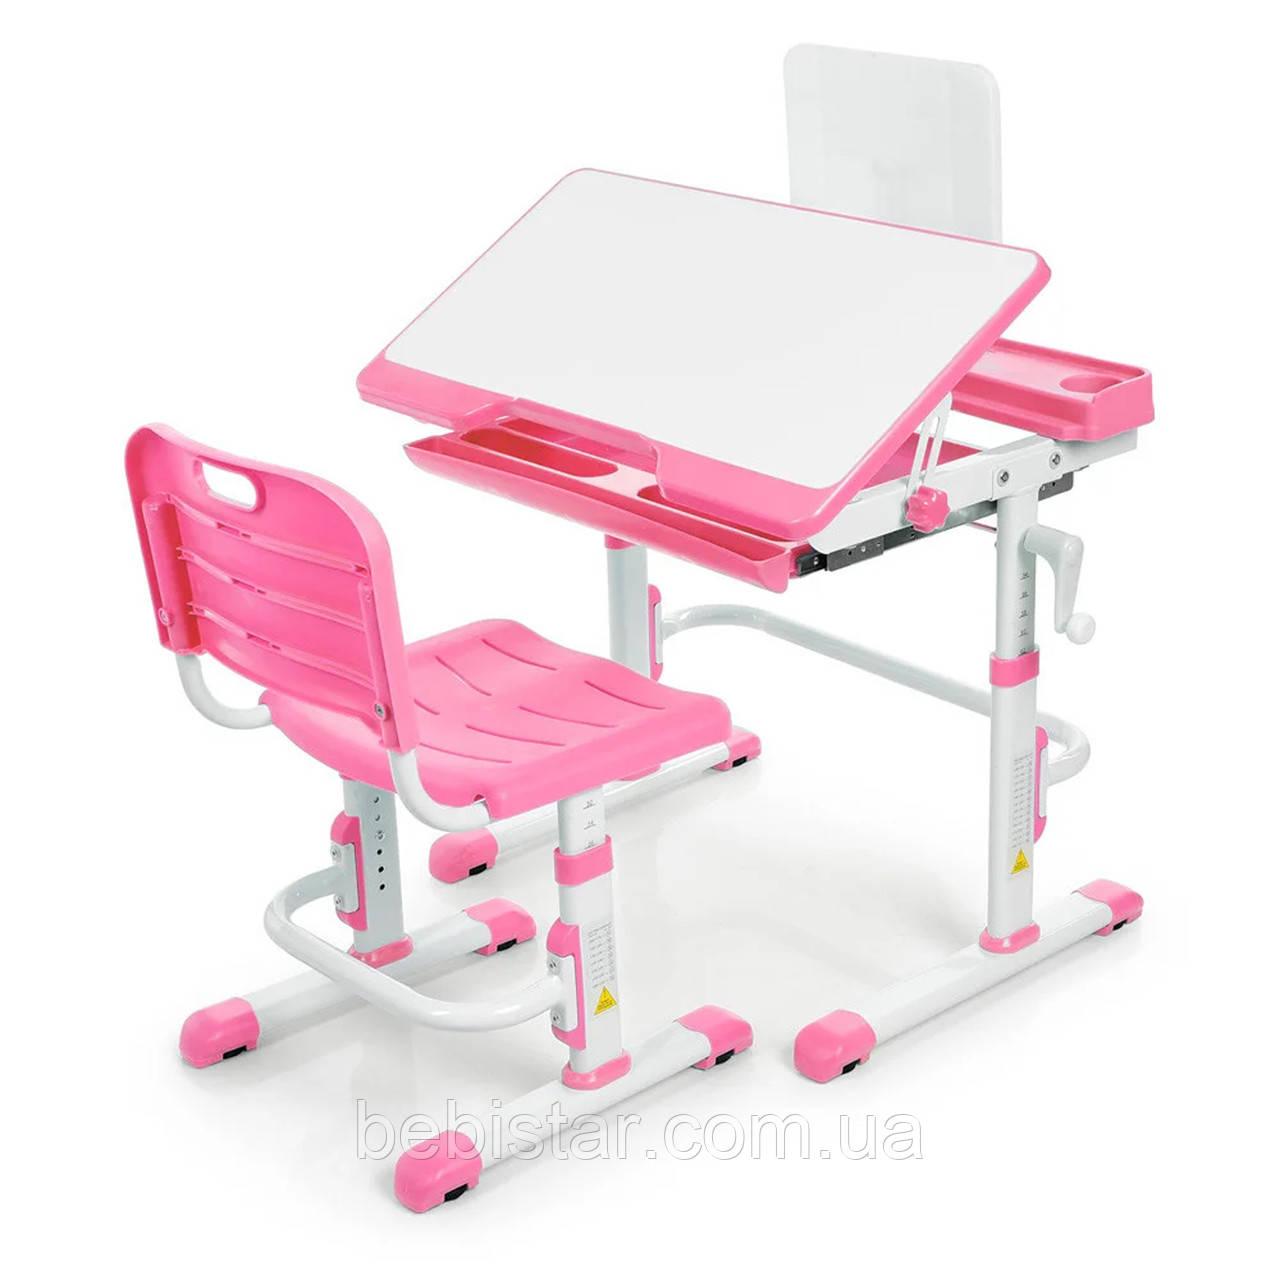 """Детская парта растишка """"Bambi"""" розового цвета трансформер девочке от 3 лет столешница 70 х 38 см - фото 4"""